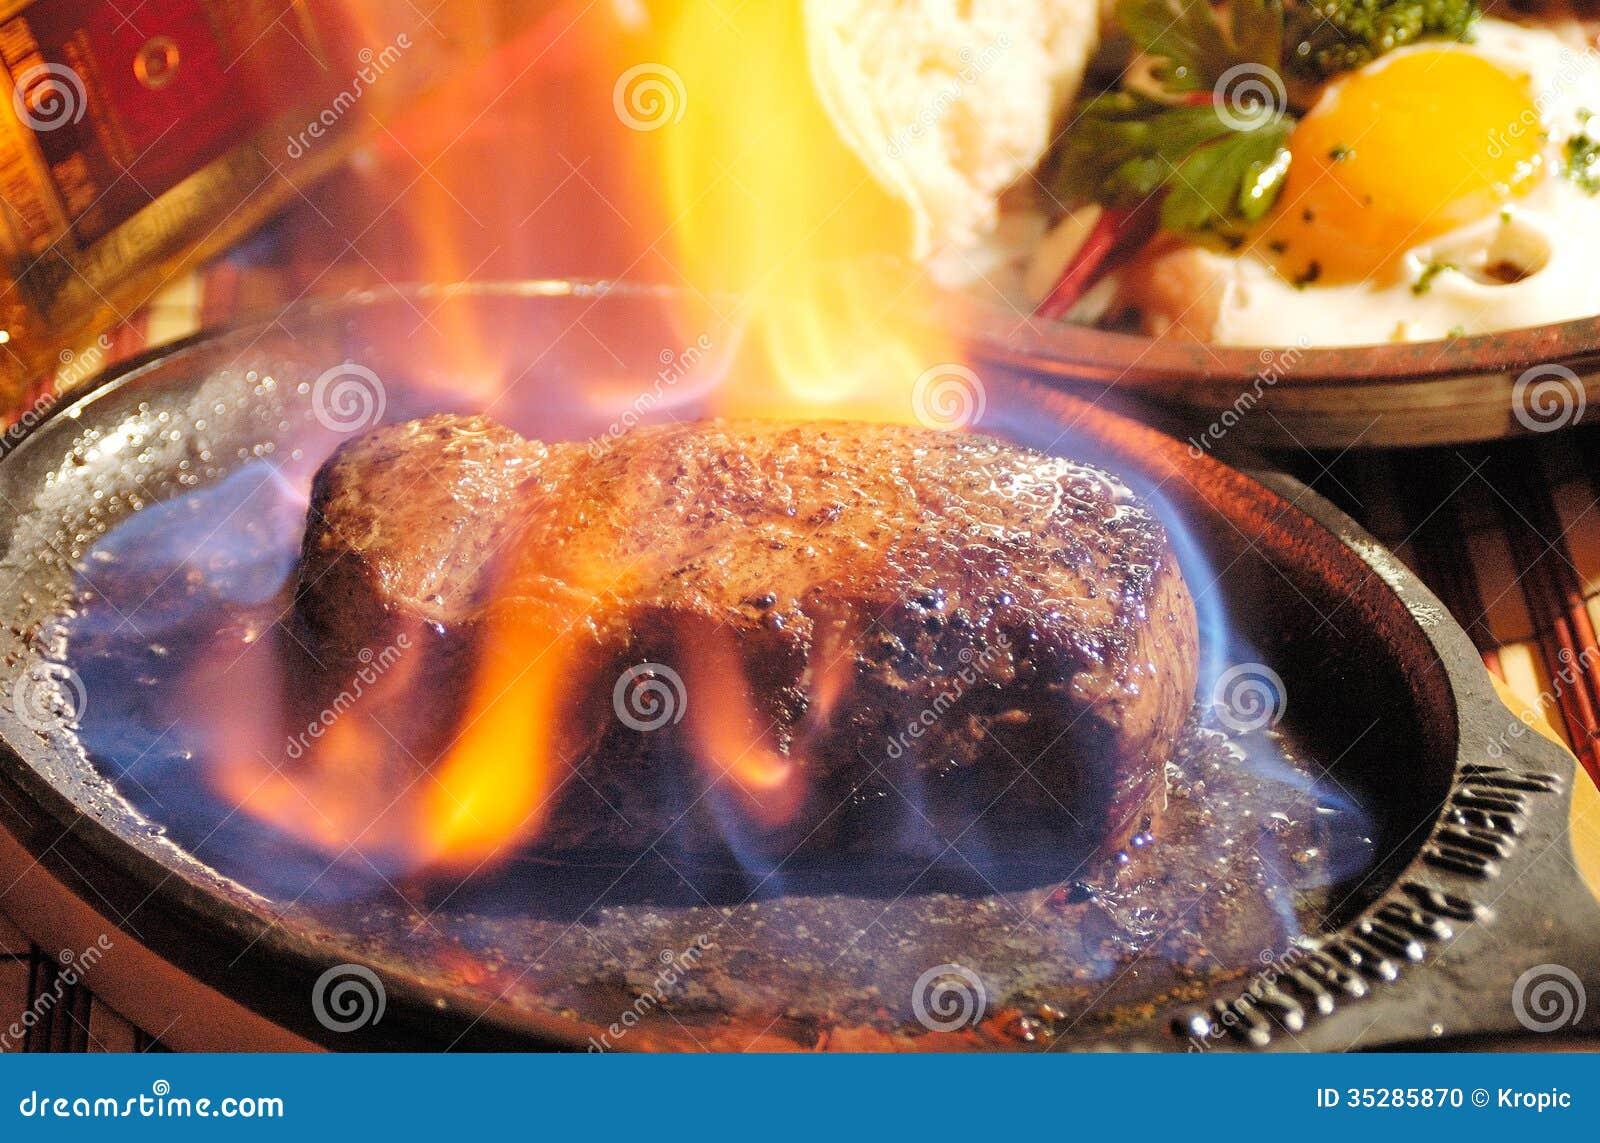 Steak Flambe Stock Photo Image 35285870